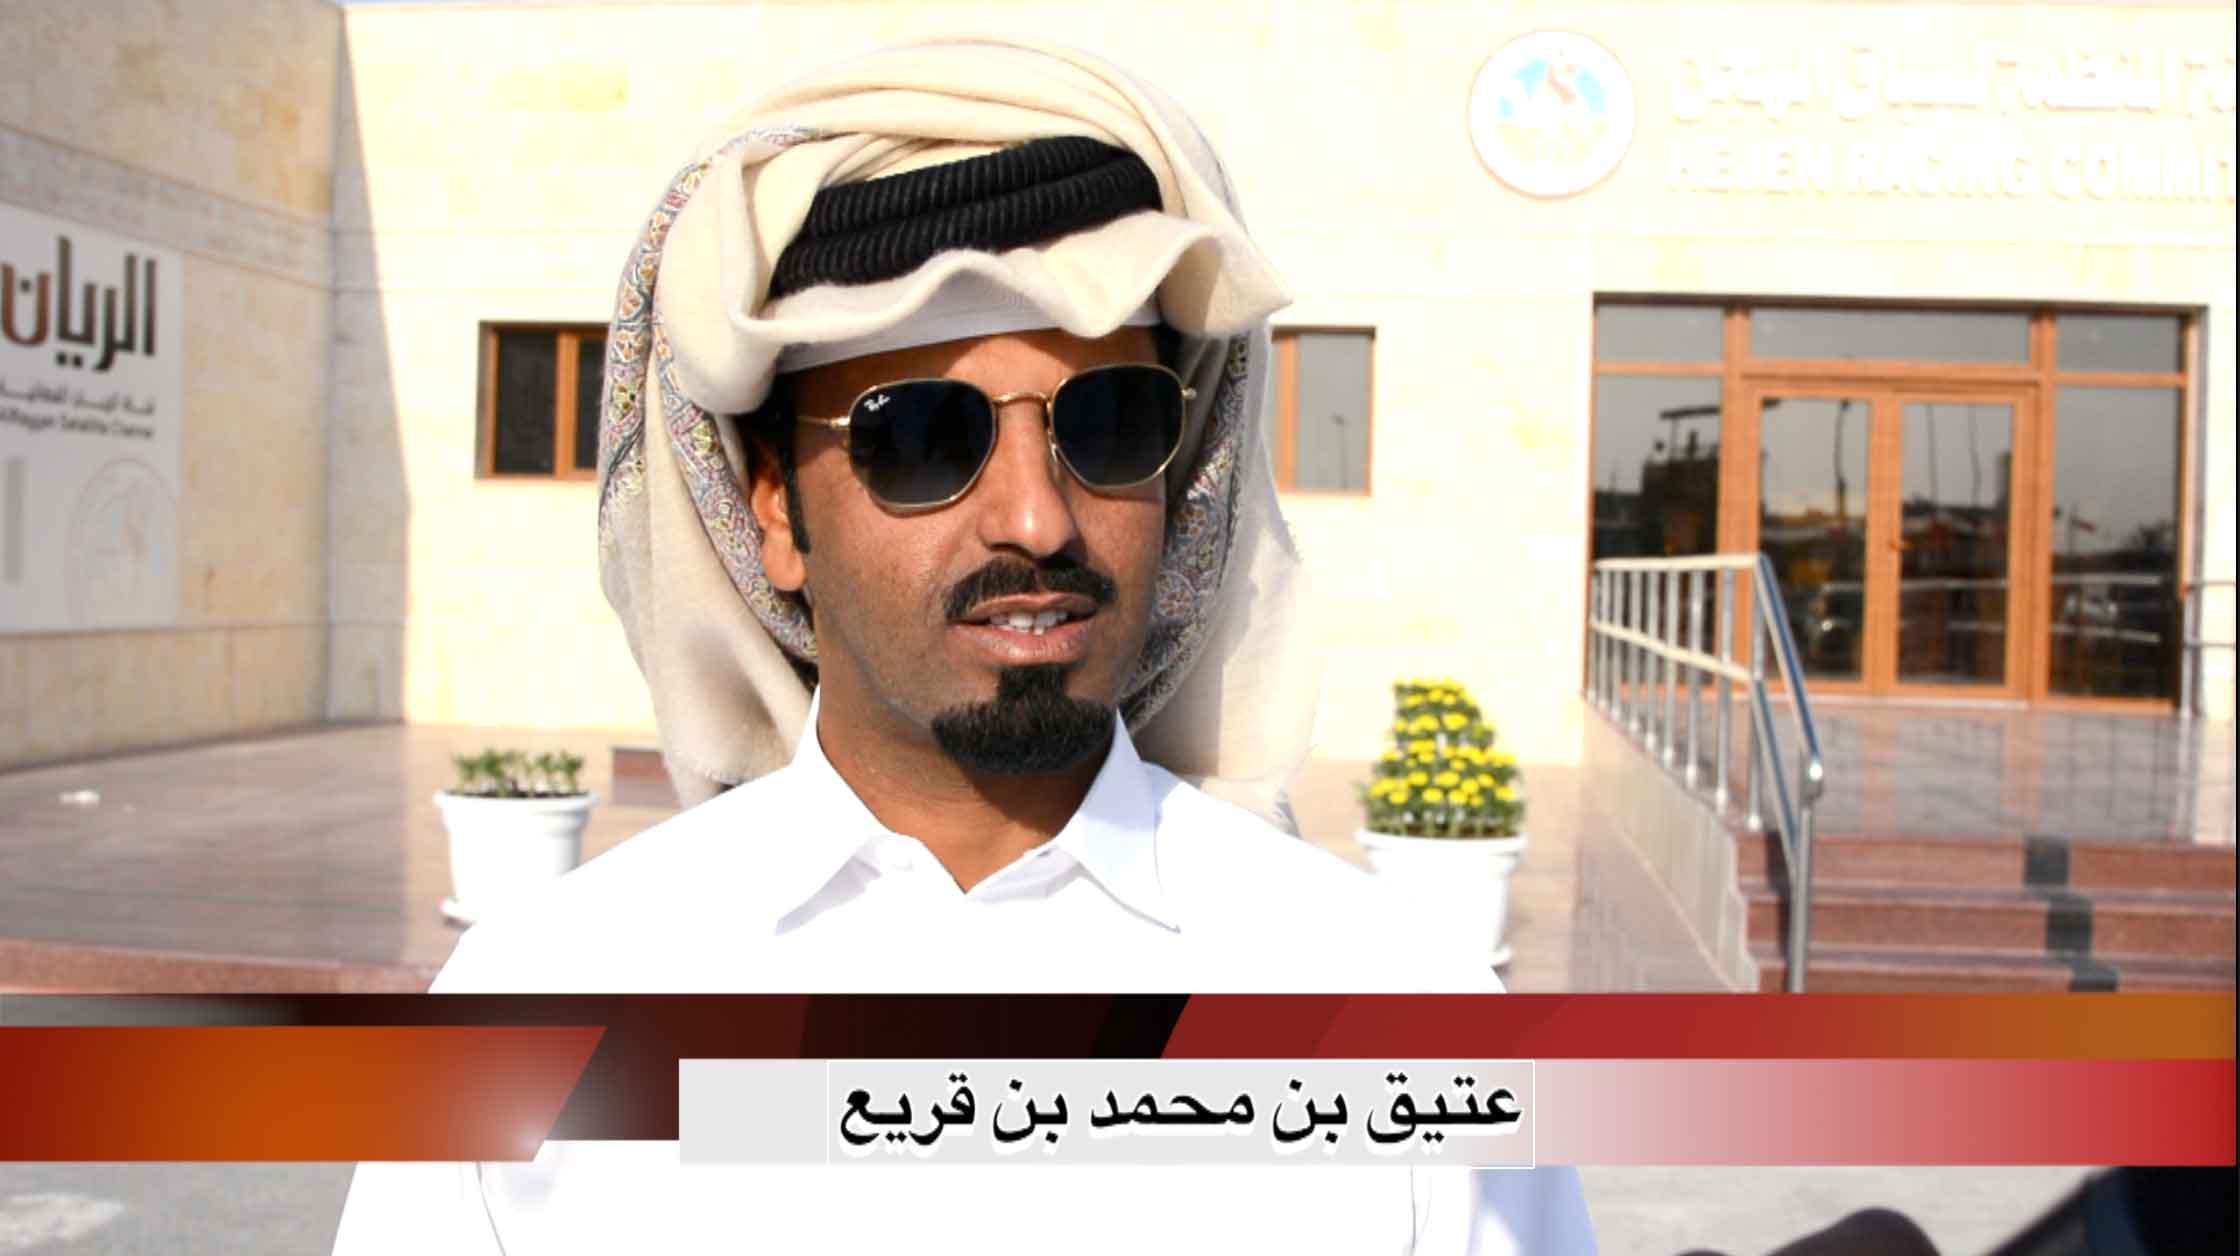 لقاء مع عتيق بن محمد بن قريع.. الخنجر الفضي ثنايا قعدان « مفتوح » الأشواط العامة  ٢٣-١-٢٠٢١